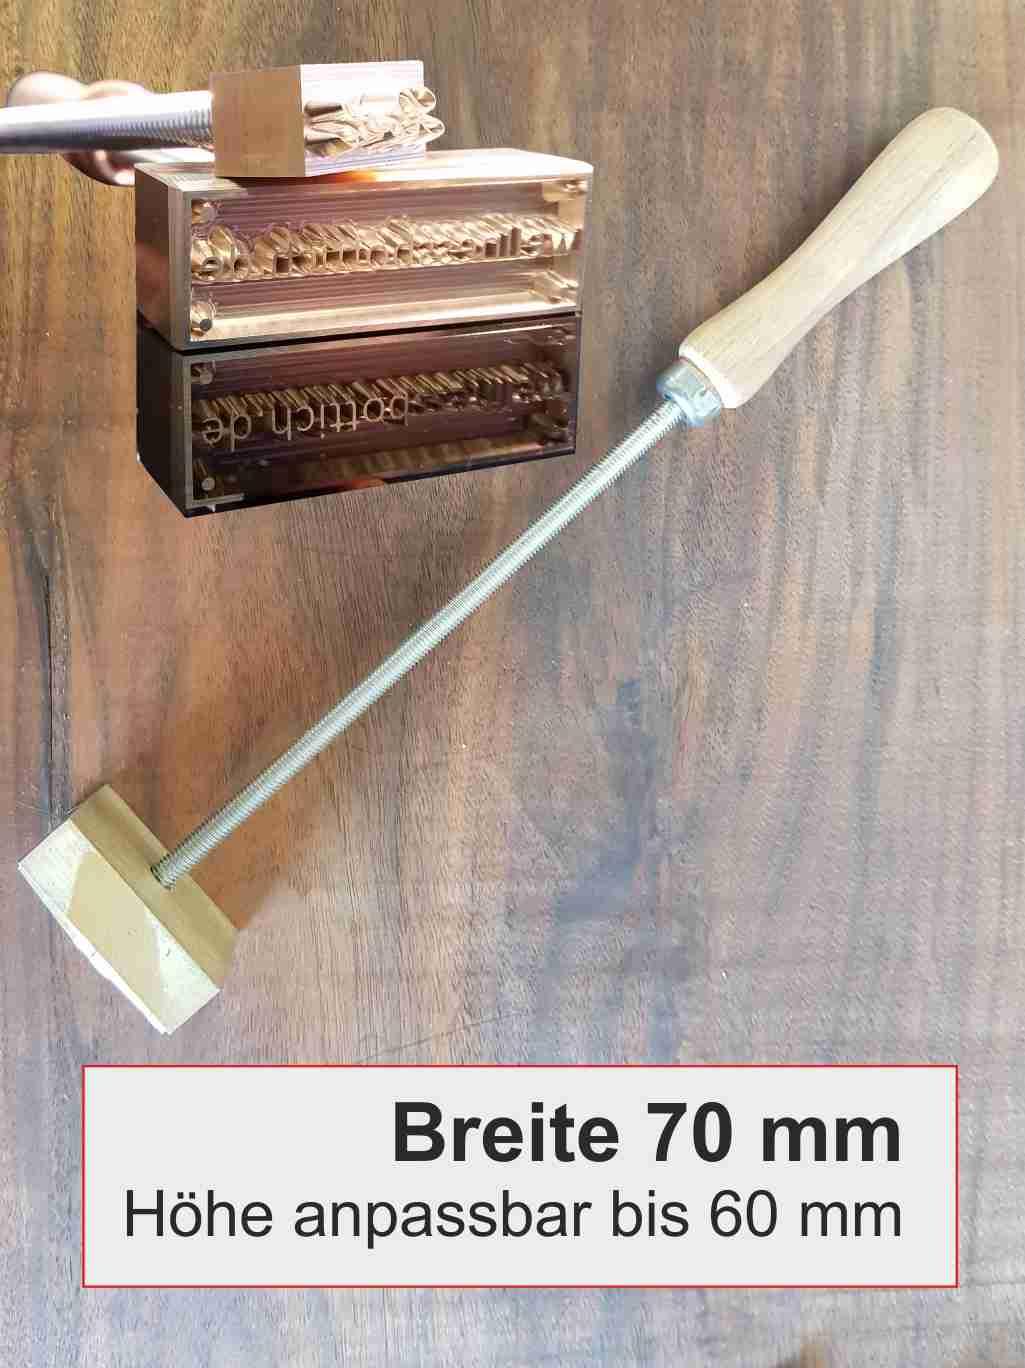 Brandstempel manuell | Breite 70 mm